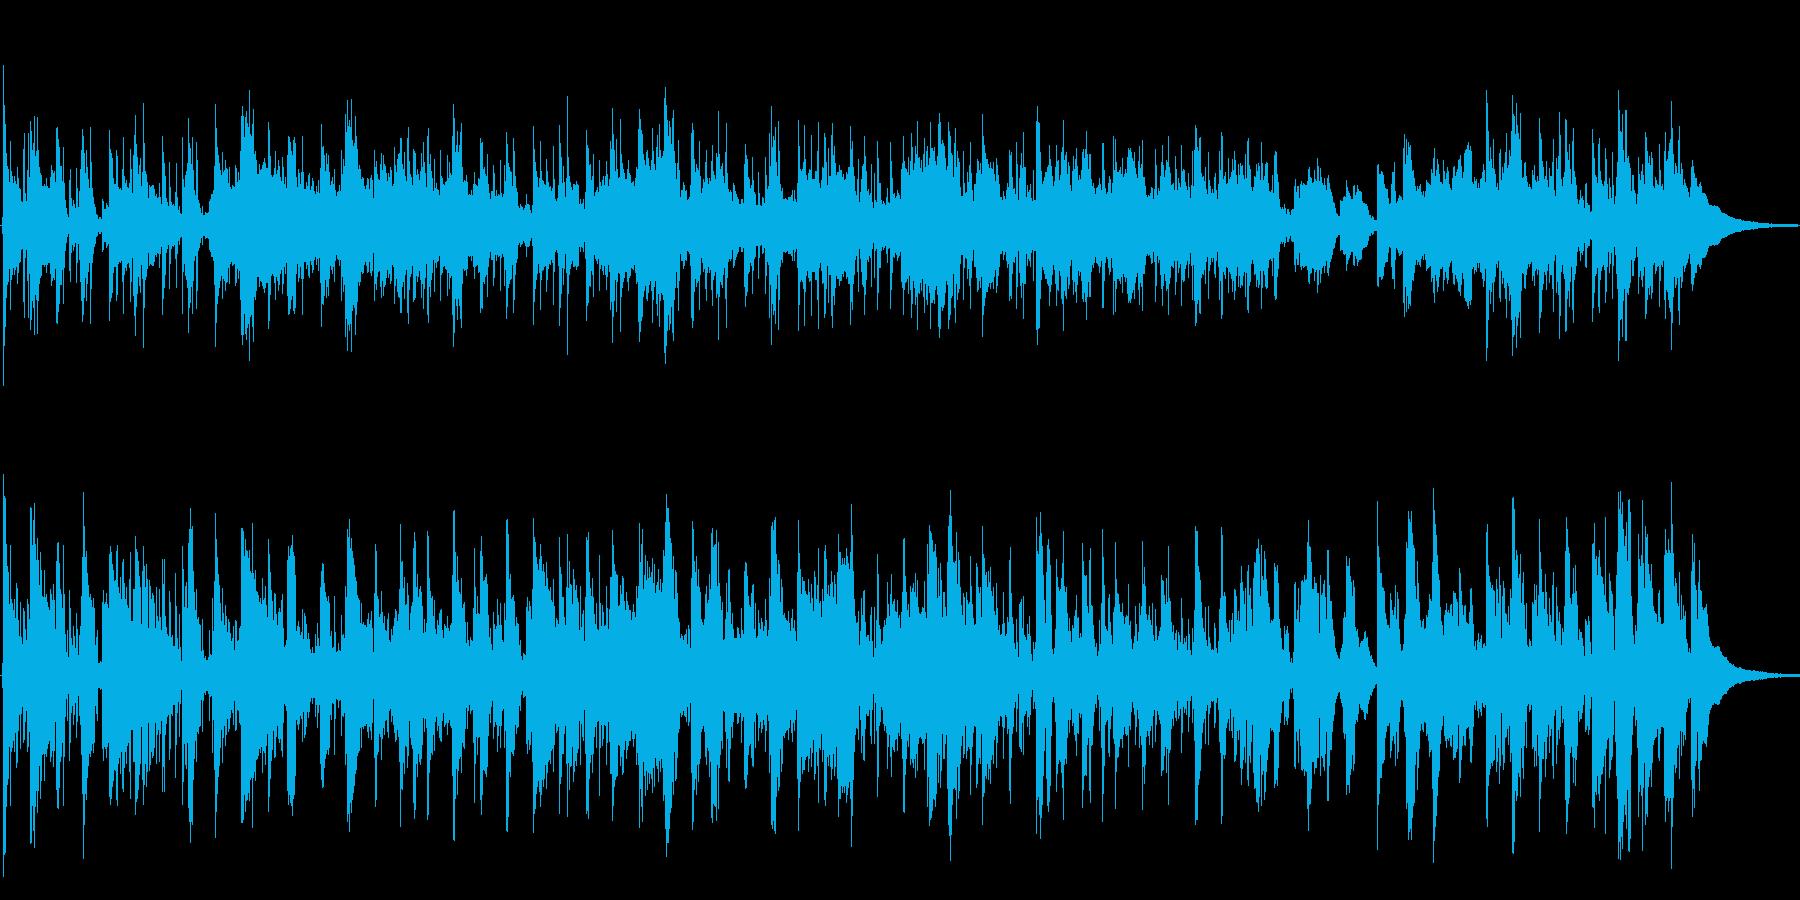 古いフランス映画のBGMをイメージの再生済みの波形